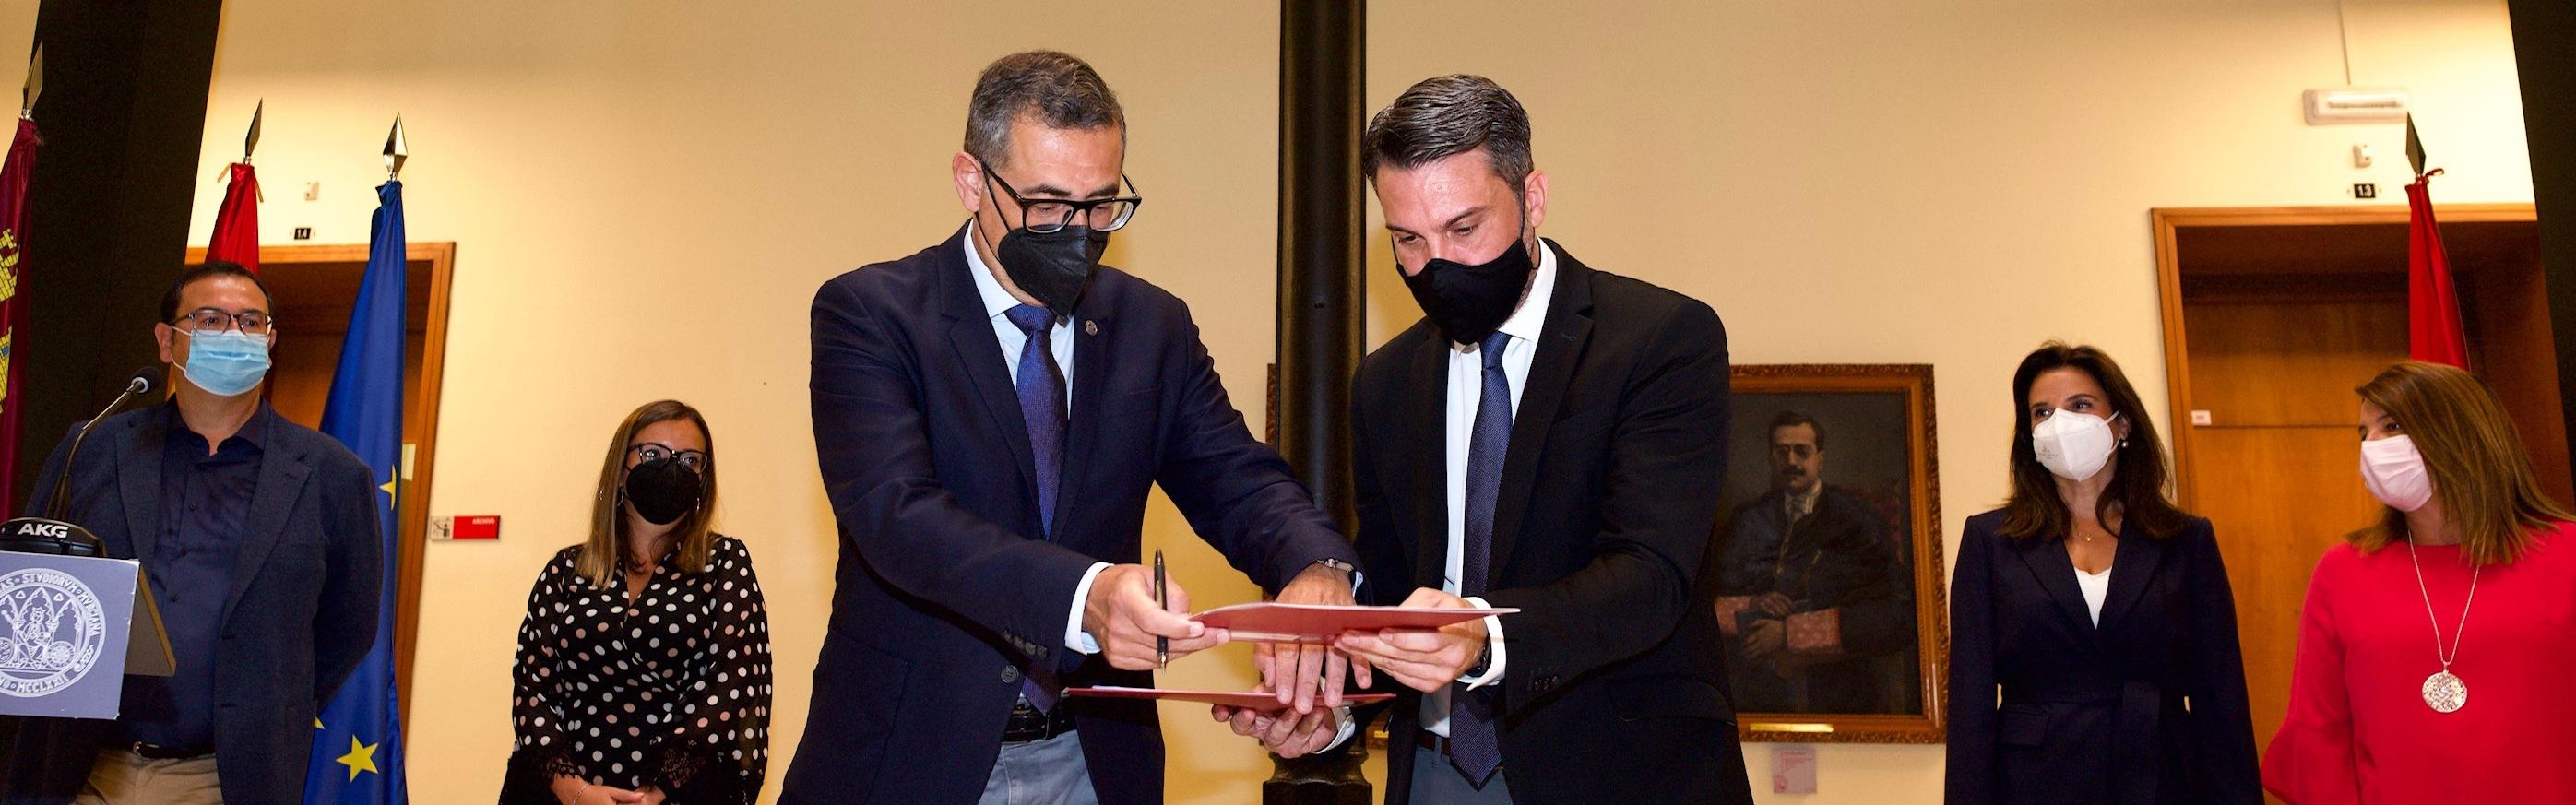 La Universidad de Murcia y la empresa pública SAES se unen para potenciar la investigación en ciberseguridad